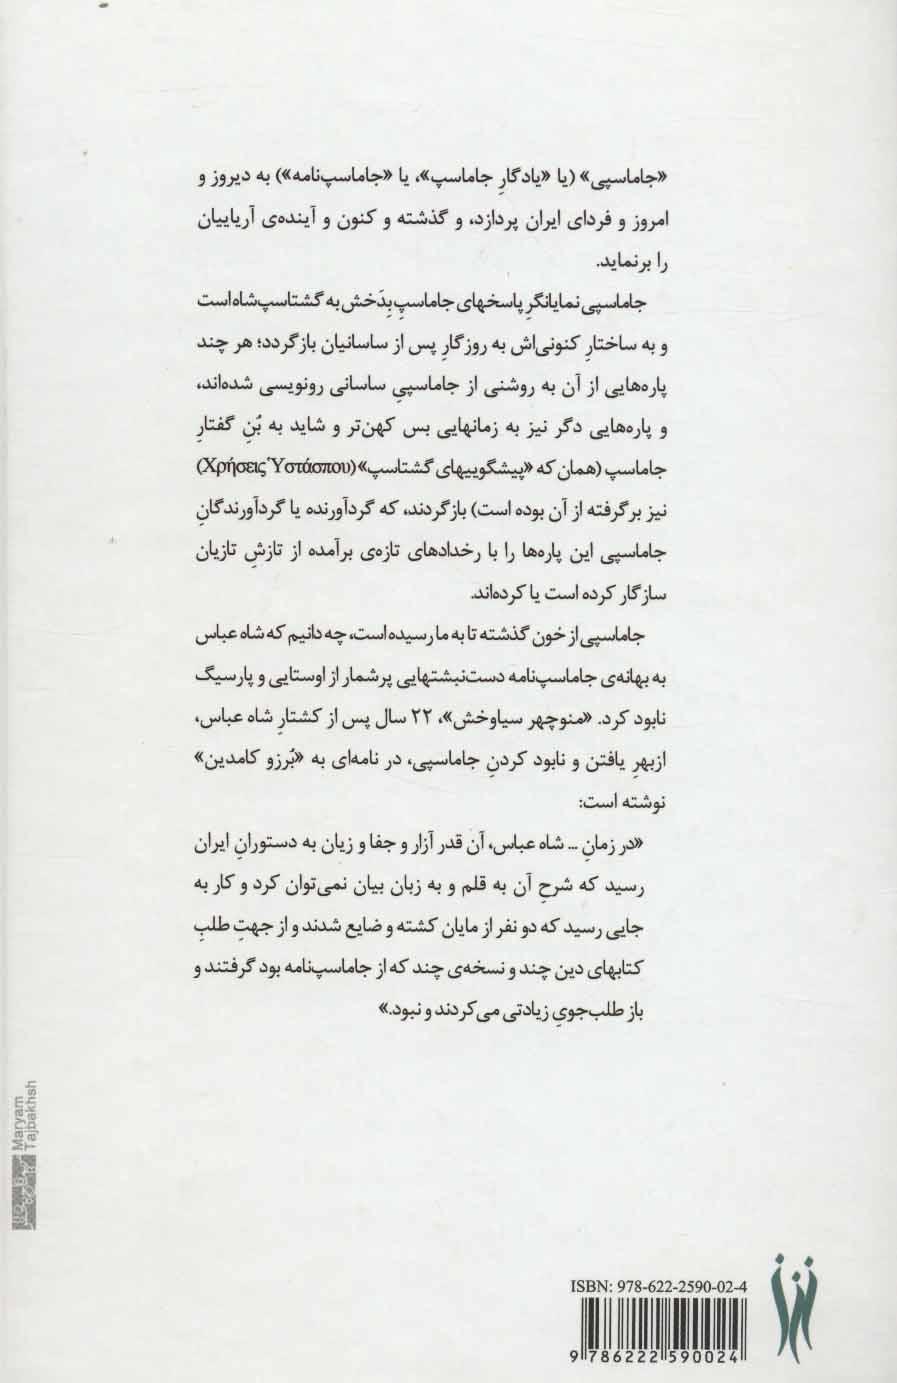 جاماسپی (گزارش پارسیگ (پهلوی) یادگار جاماسپ/جاماسپ نامه)،(خردنامک 4)،(2زبانه)